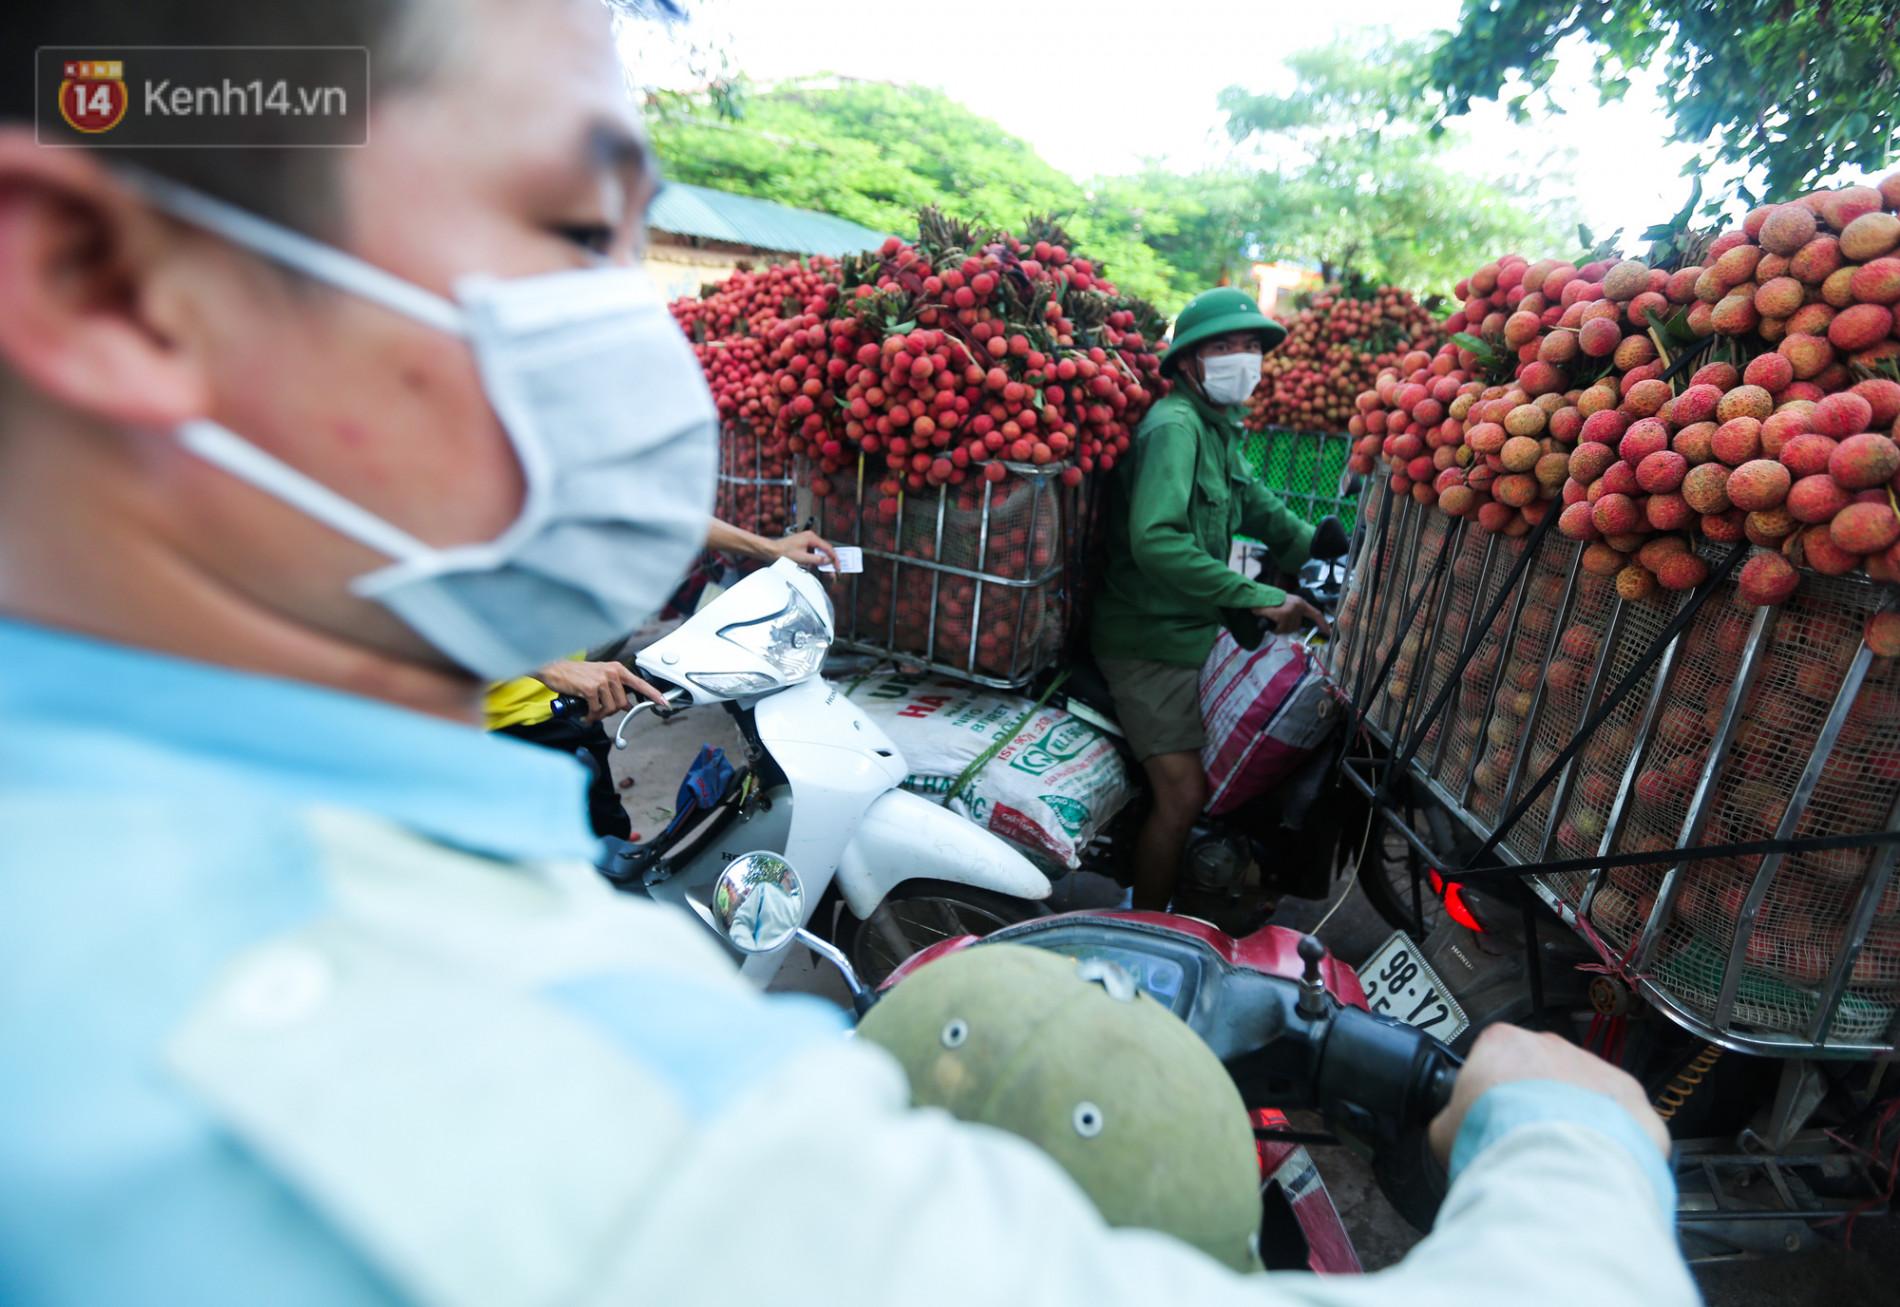 Ảnh: Nông dân Bắc Giang nối đuôi nhau chở vải thiều ra chợ, đường quê đỏ rực một màu - Ảnh 12.